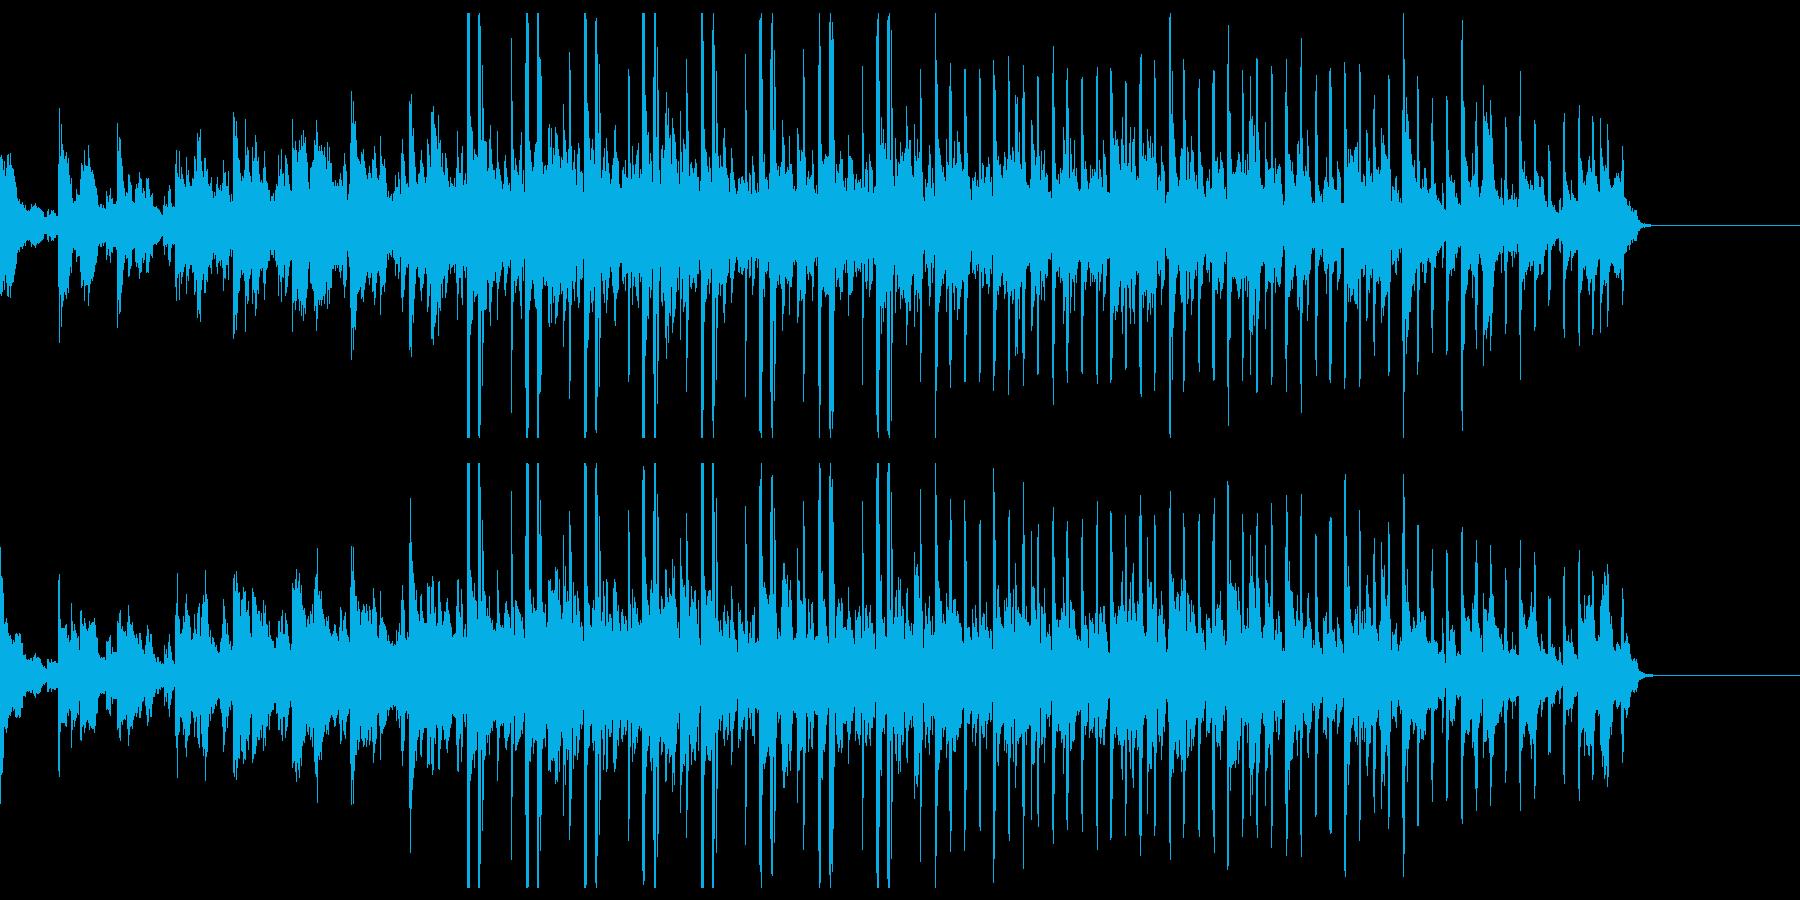 短めダウンテンポの幻想的な曲の再生済みの波形